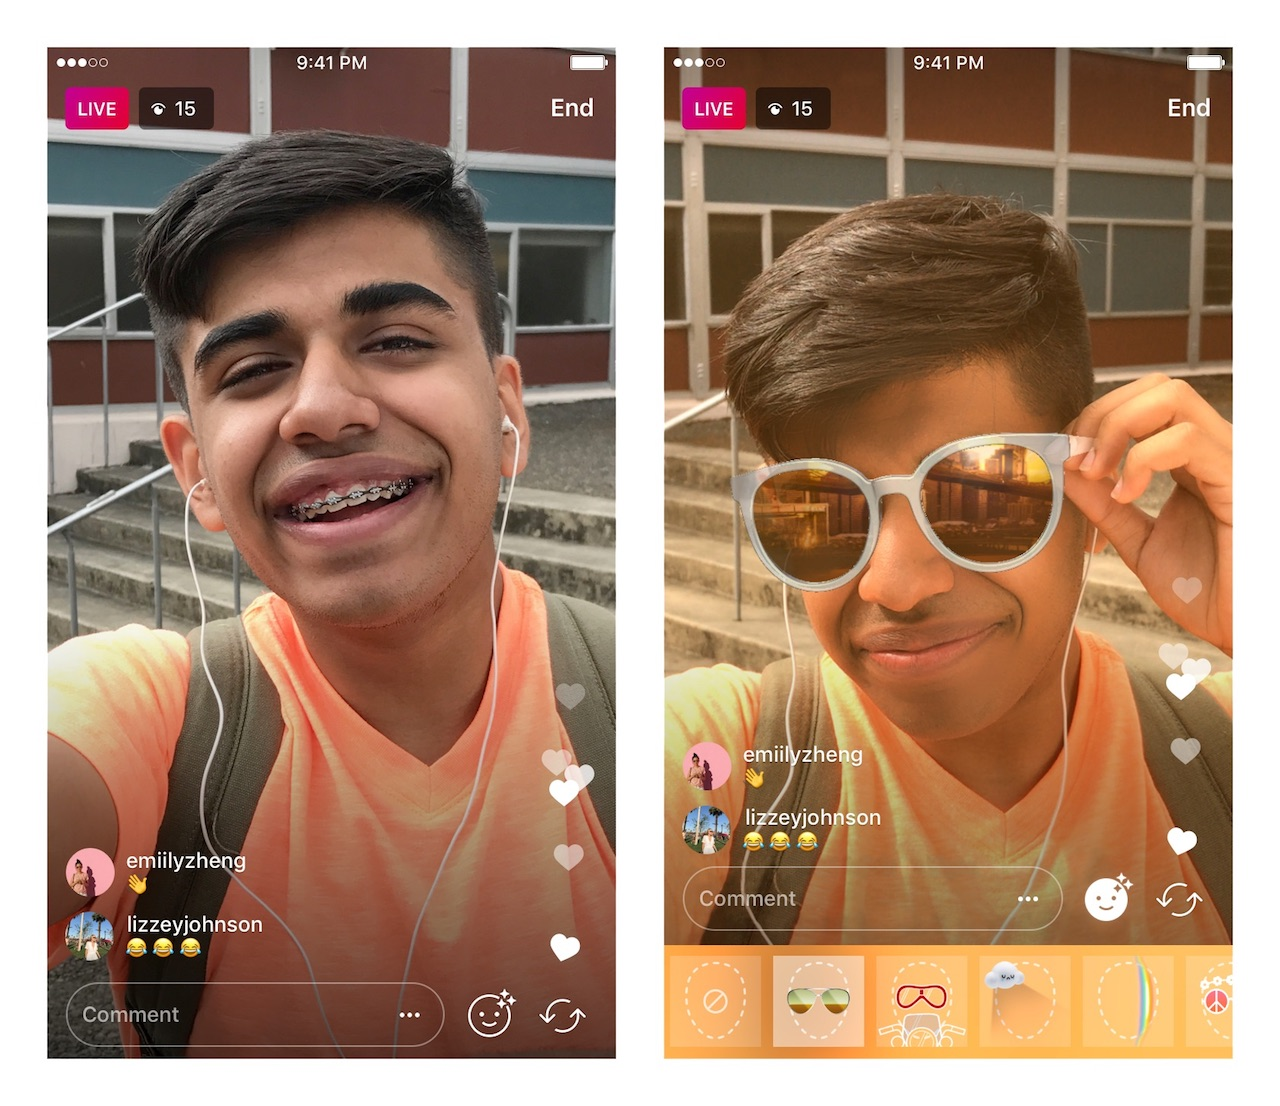 Les filtres animés dans la vidéo en direct — Instagram